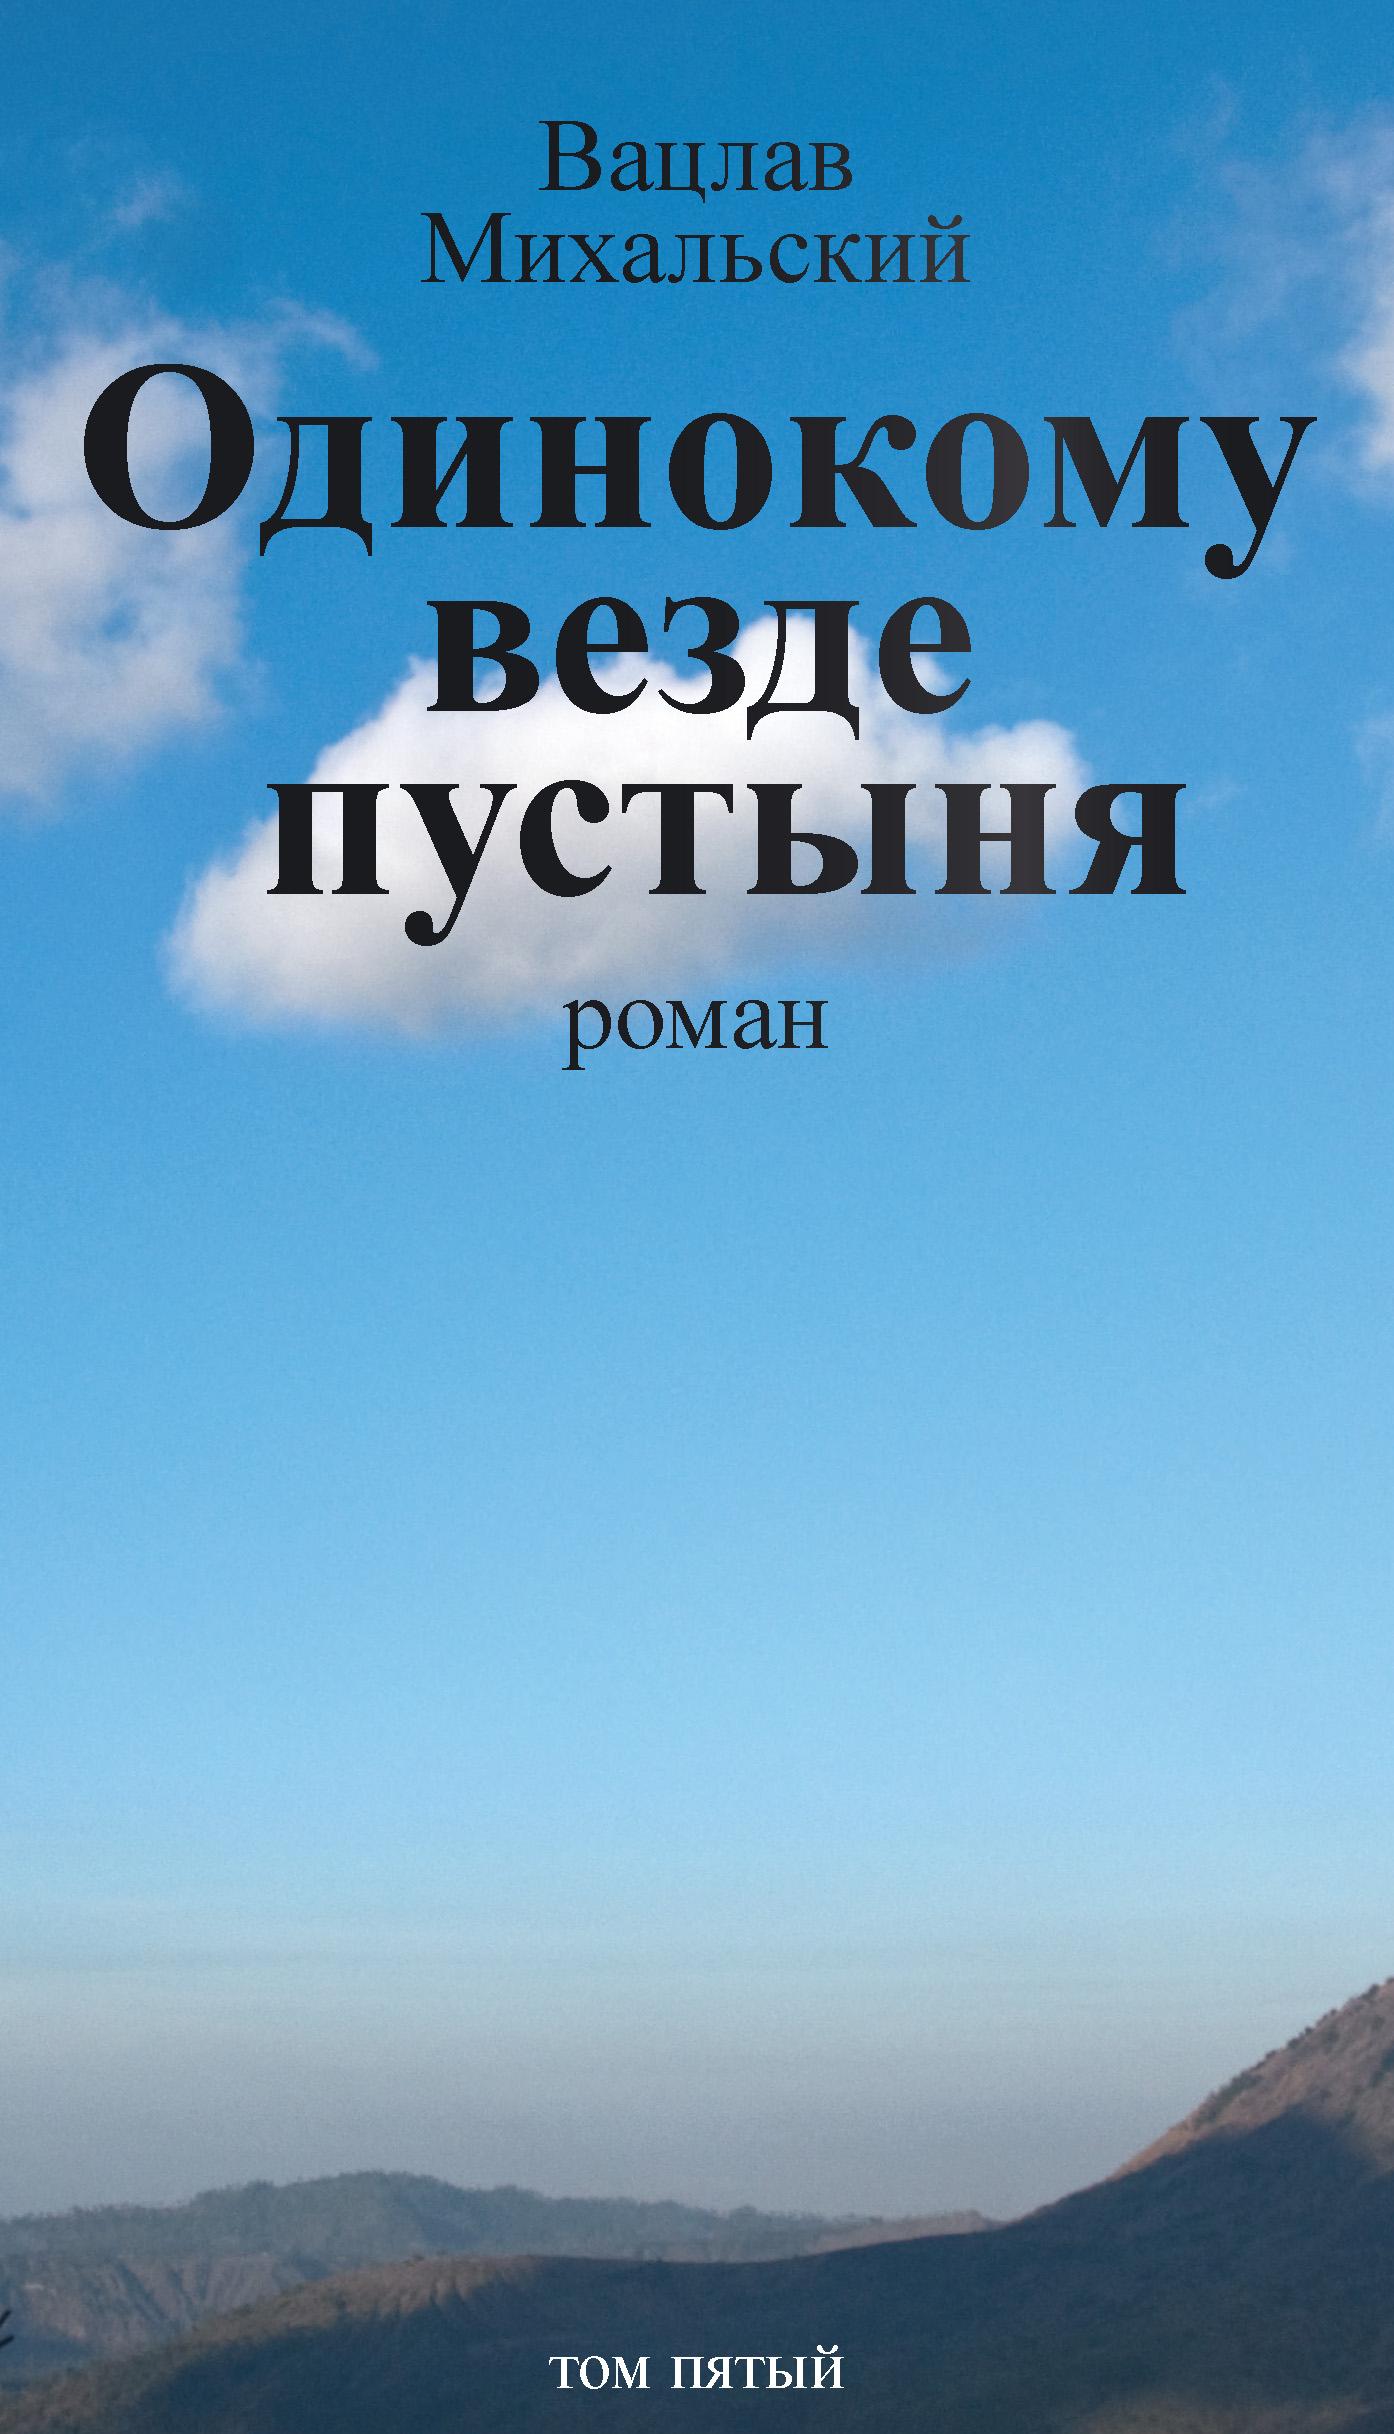 Вацлав Вацлавович Михальский Собрание сочинений в десяти томах. Том пятый. Одинокому везде пустыня цена и фото